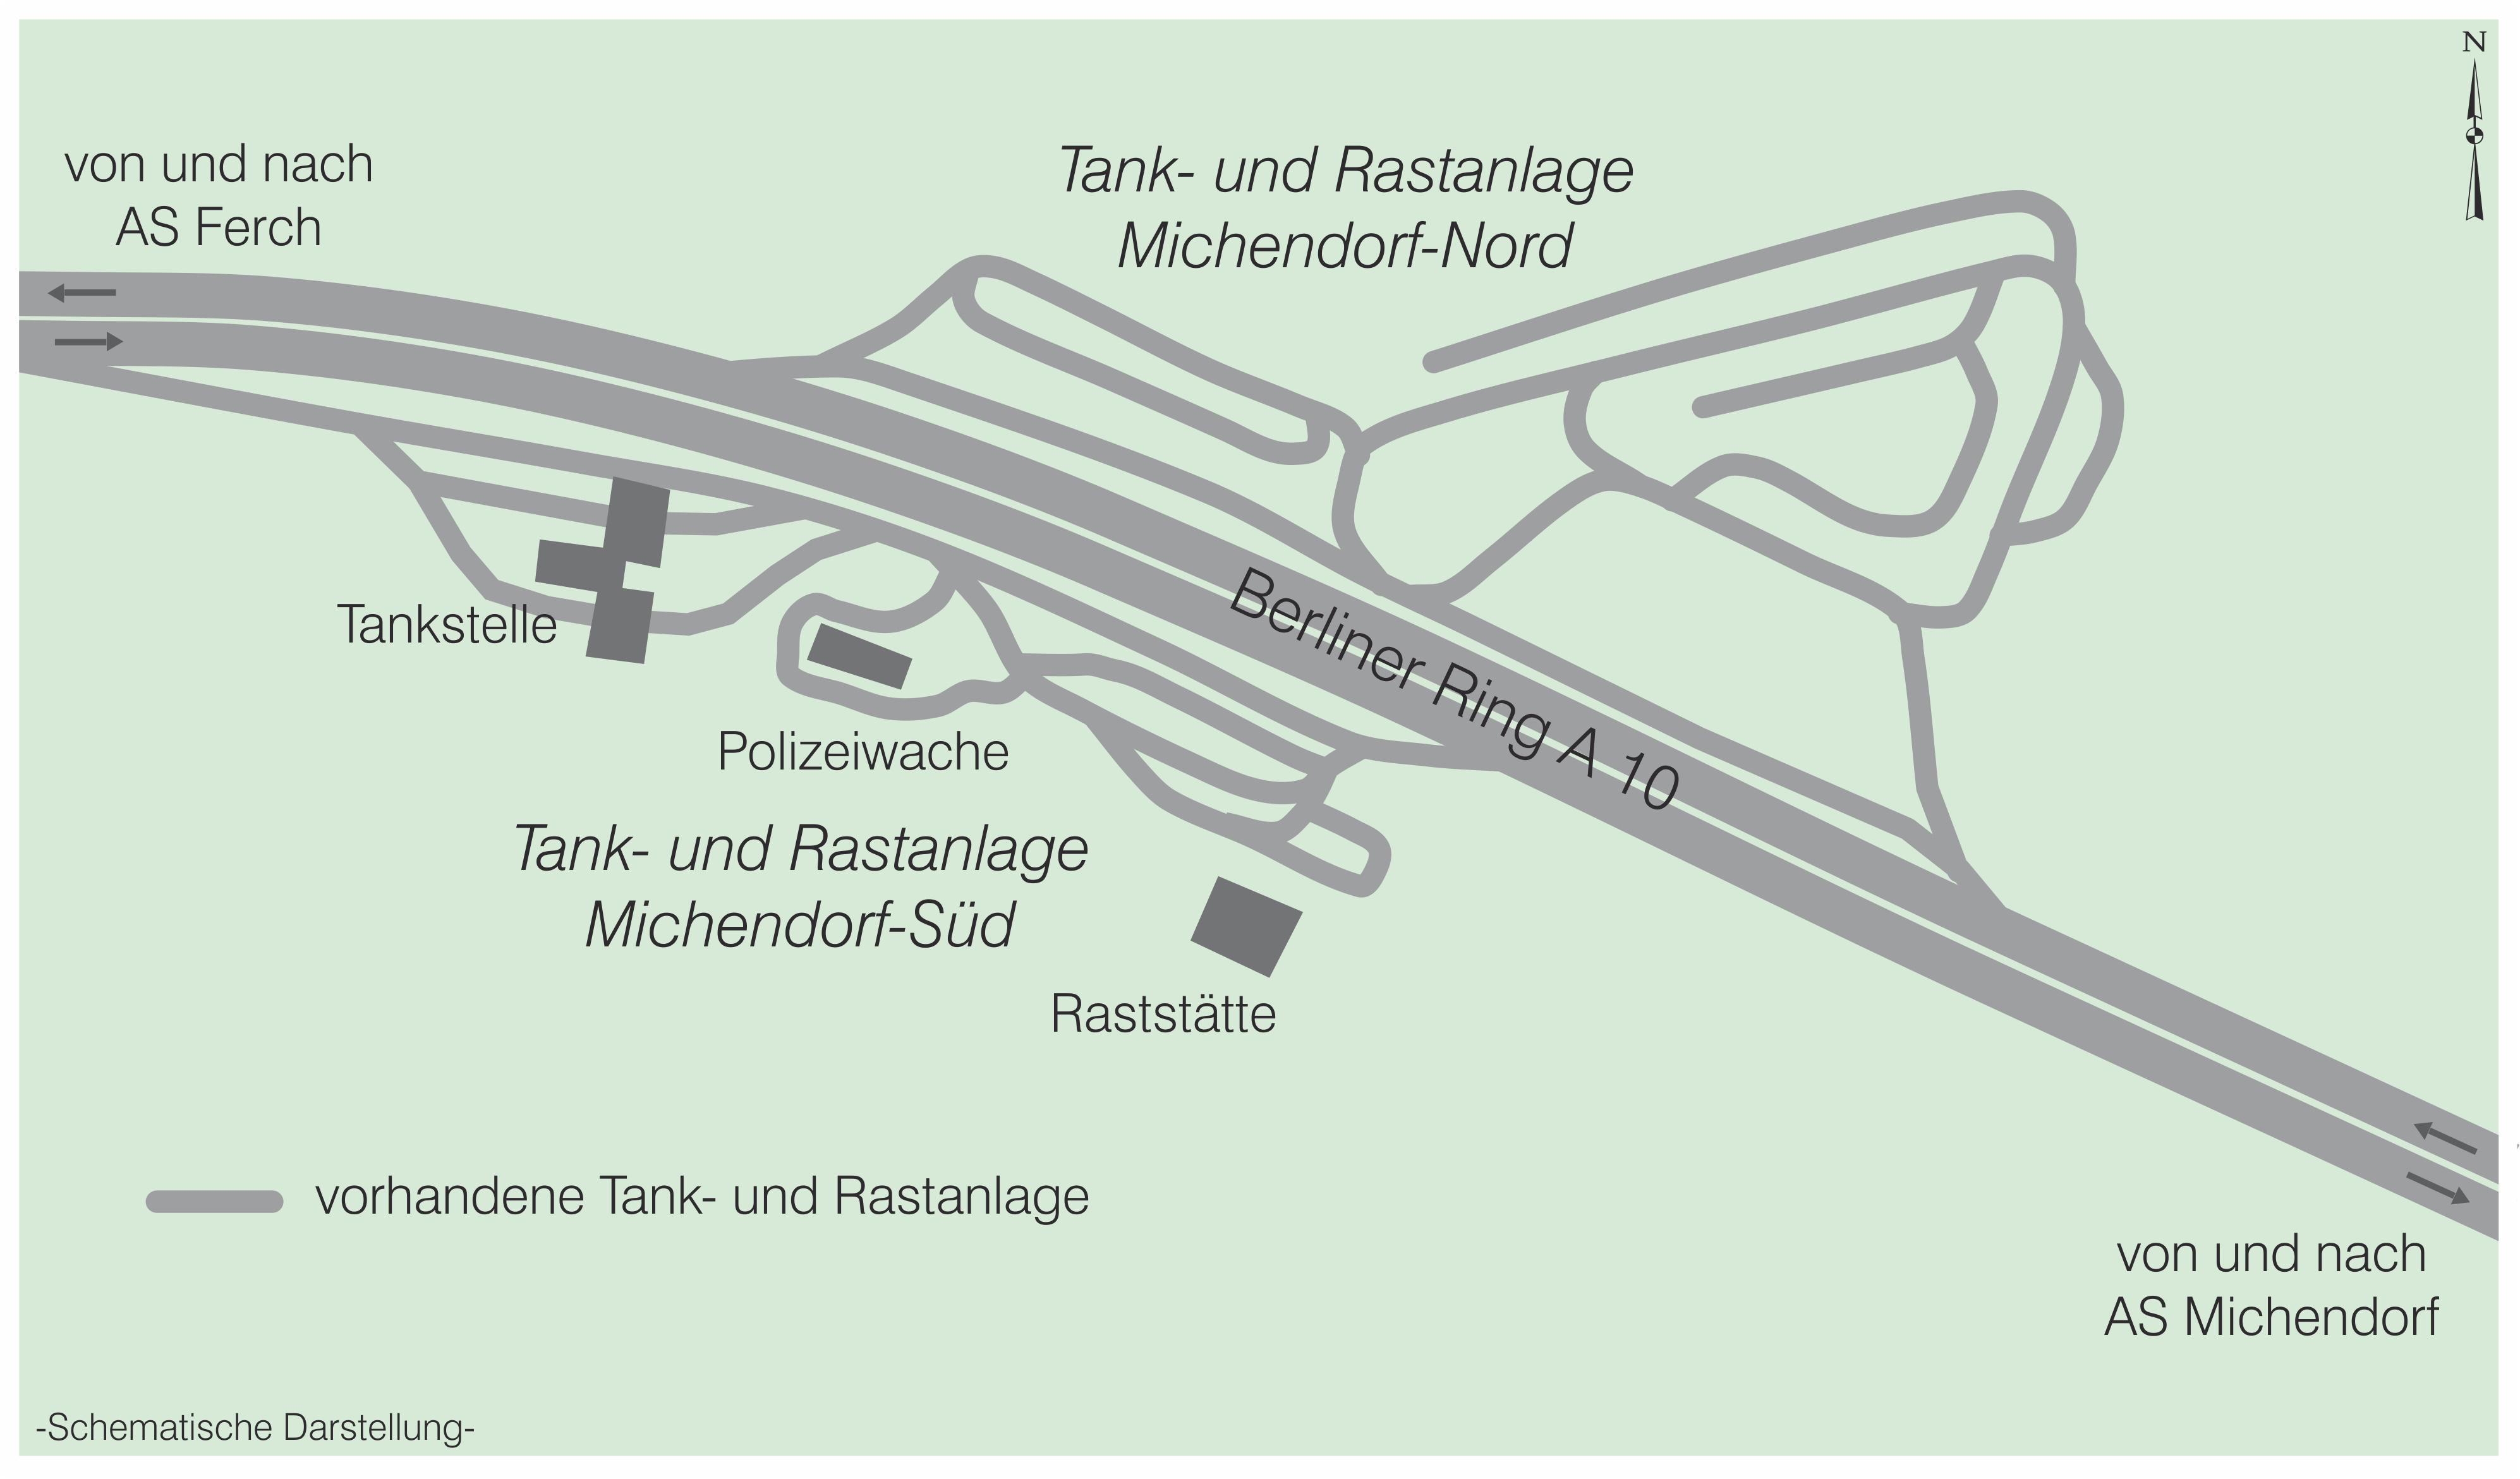 Tank und Rastanlage Michendort A 10 alt